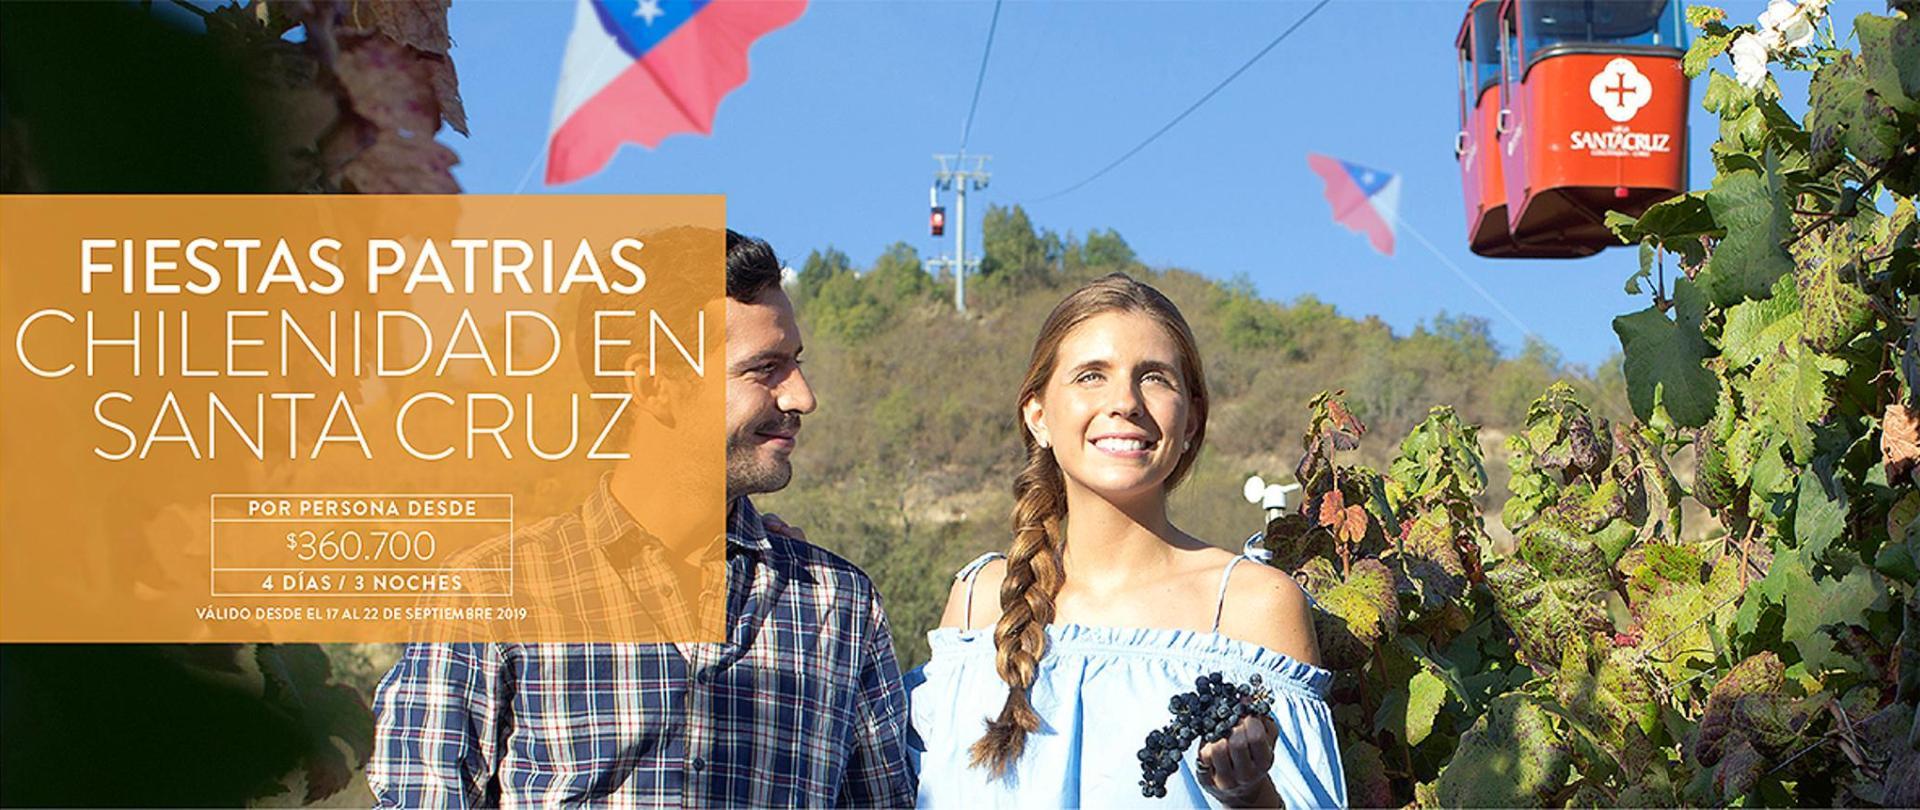 BANNER Fiestas patrias 2019.jpg